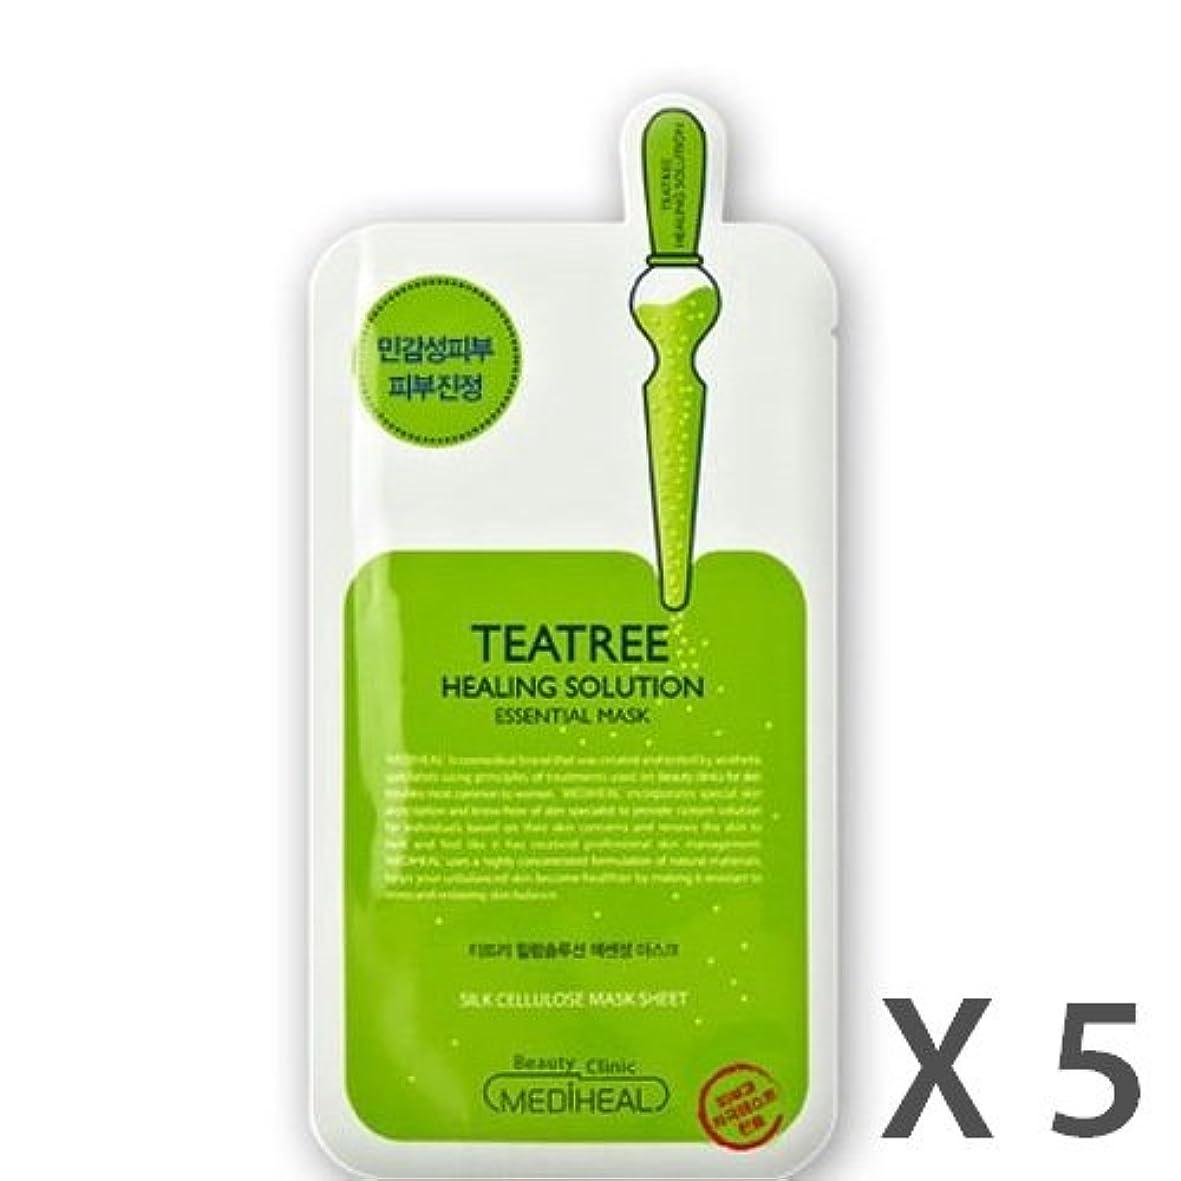 市場変換する器具MEDIHEAL Tea Tree Healing Solution Essential Mask 5ea /メディヒール ティー ツリー ヒーリングソリューションエッセンシャルマスク 5ea [並行輸入品]